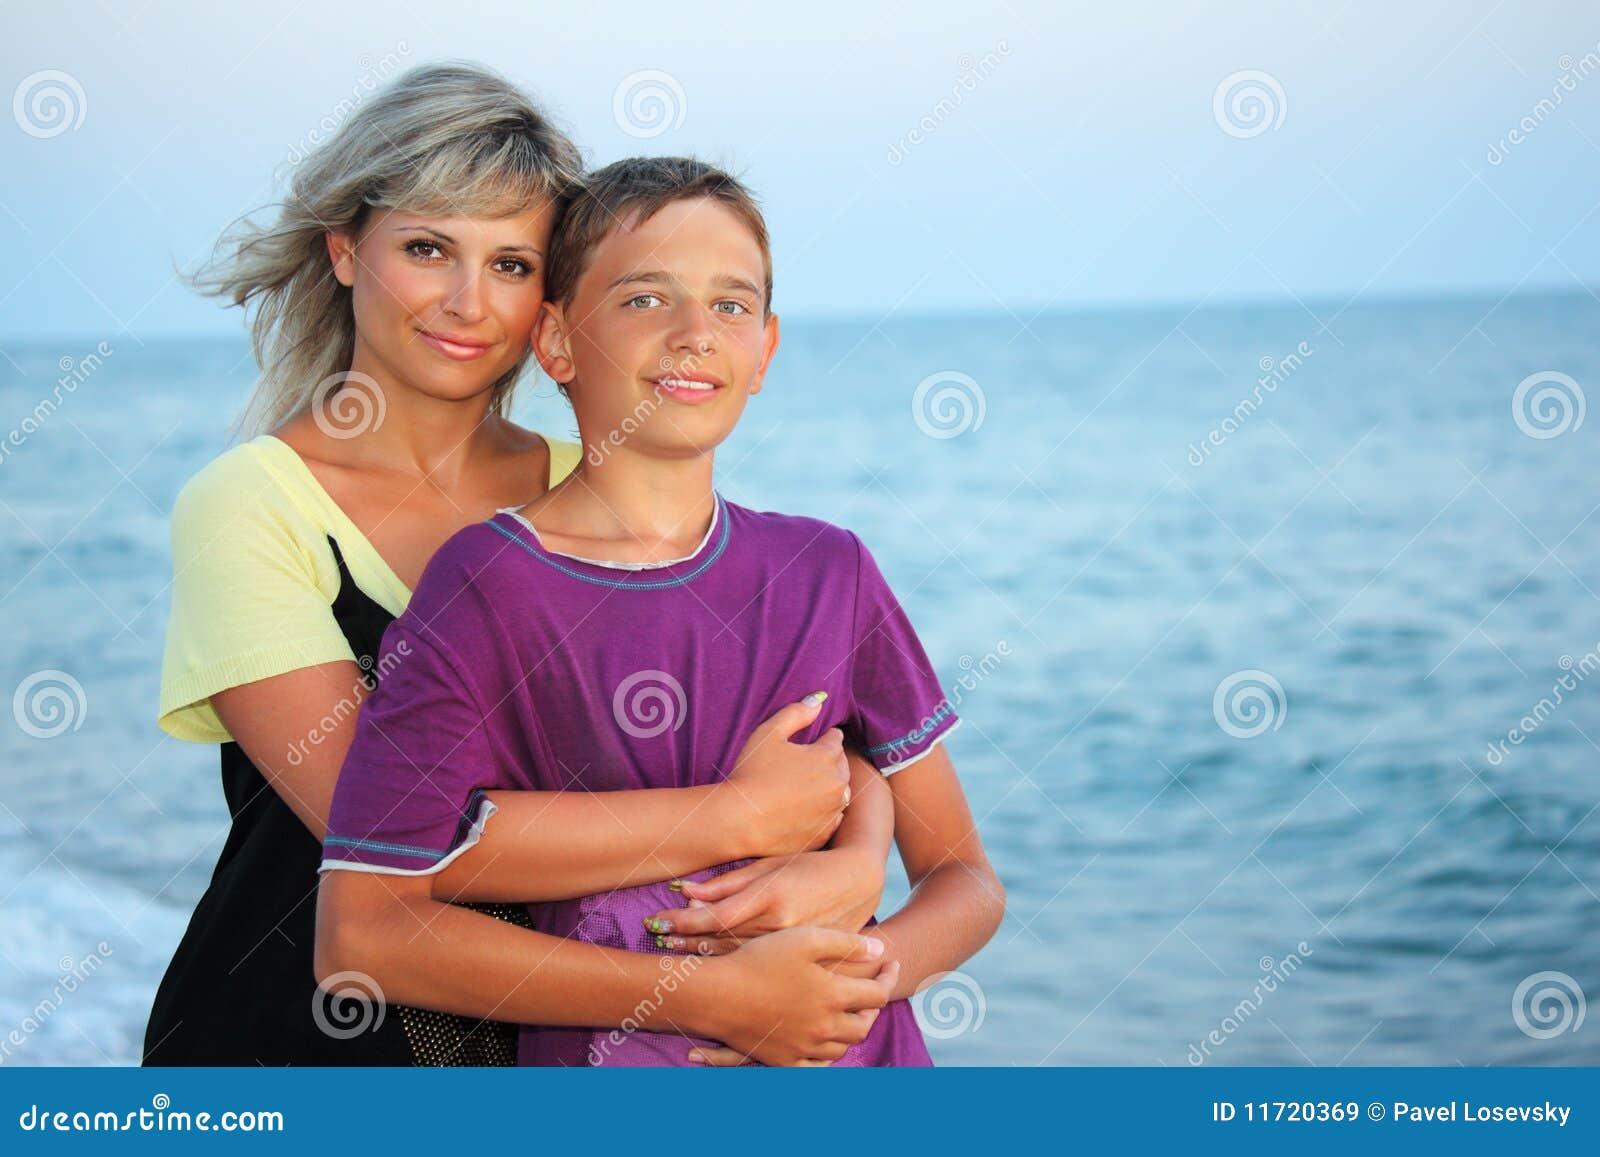 Фото секс мальчик и тетя, Зрелые тетки хотя молодых парней порно фото 25 фотография